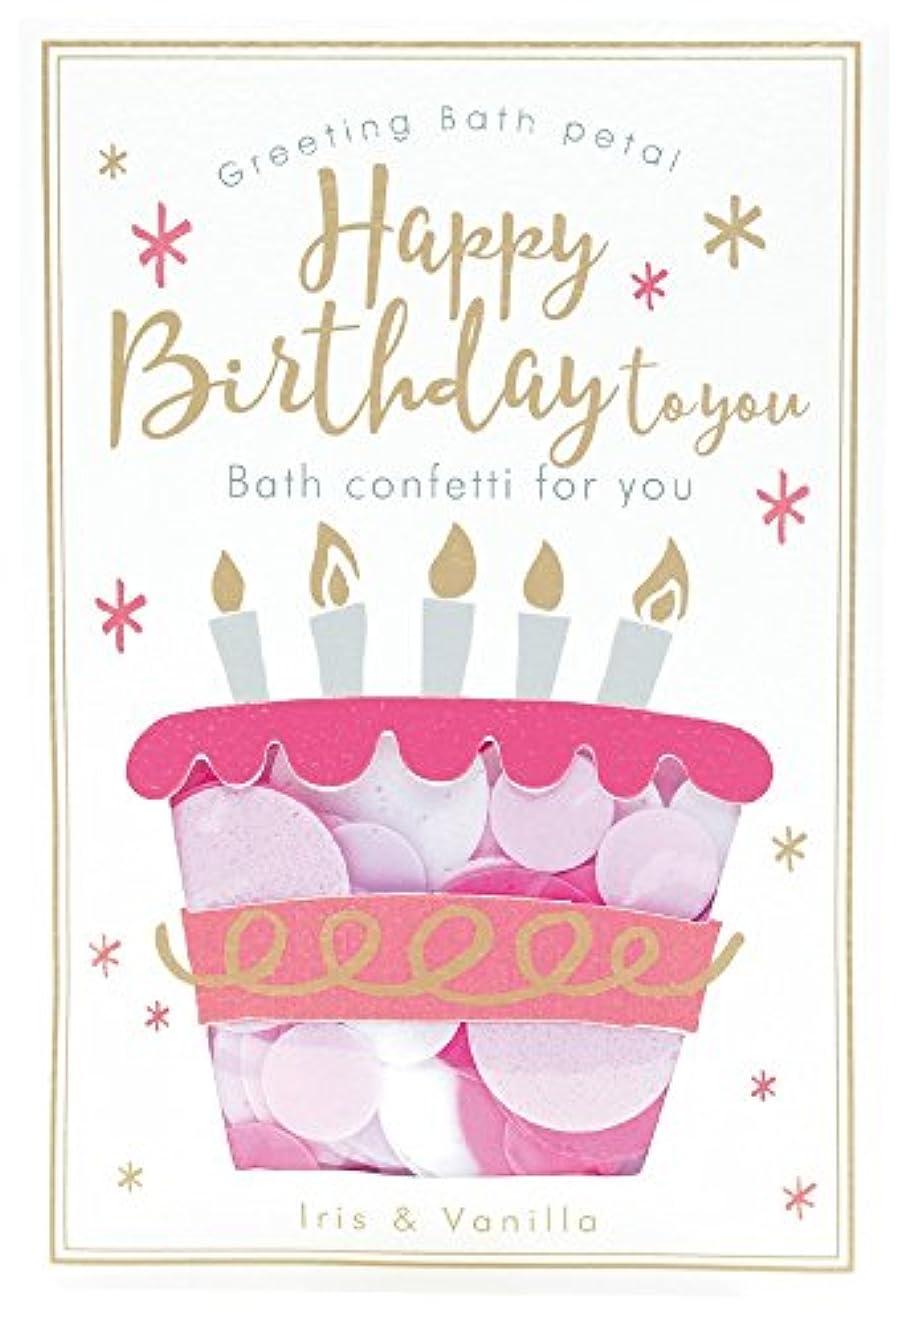 繰り返し事実ユダヤ人ノルコーポレーション 入浴剤 バスペタル グリーティングバスペタル Happy Bierthday to you 12g アイリス & バニラの香り OB-GTP-1-3